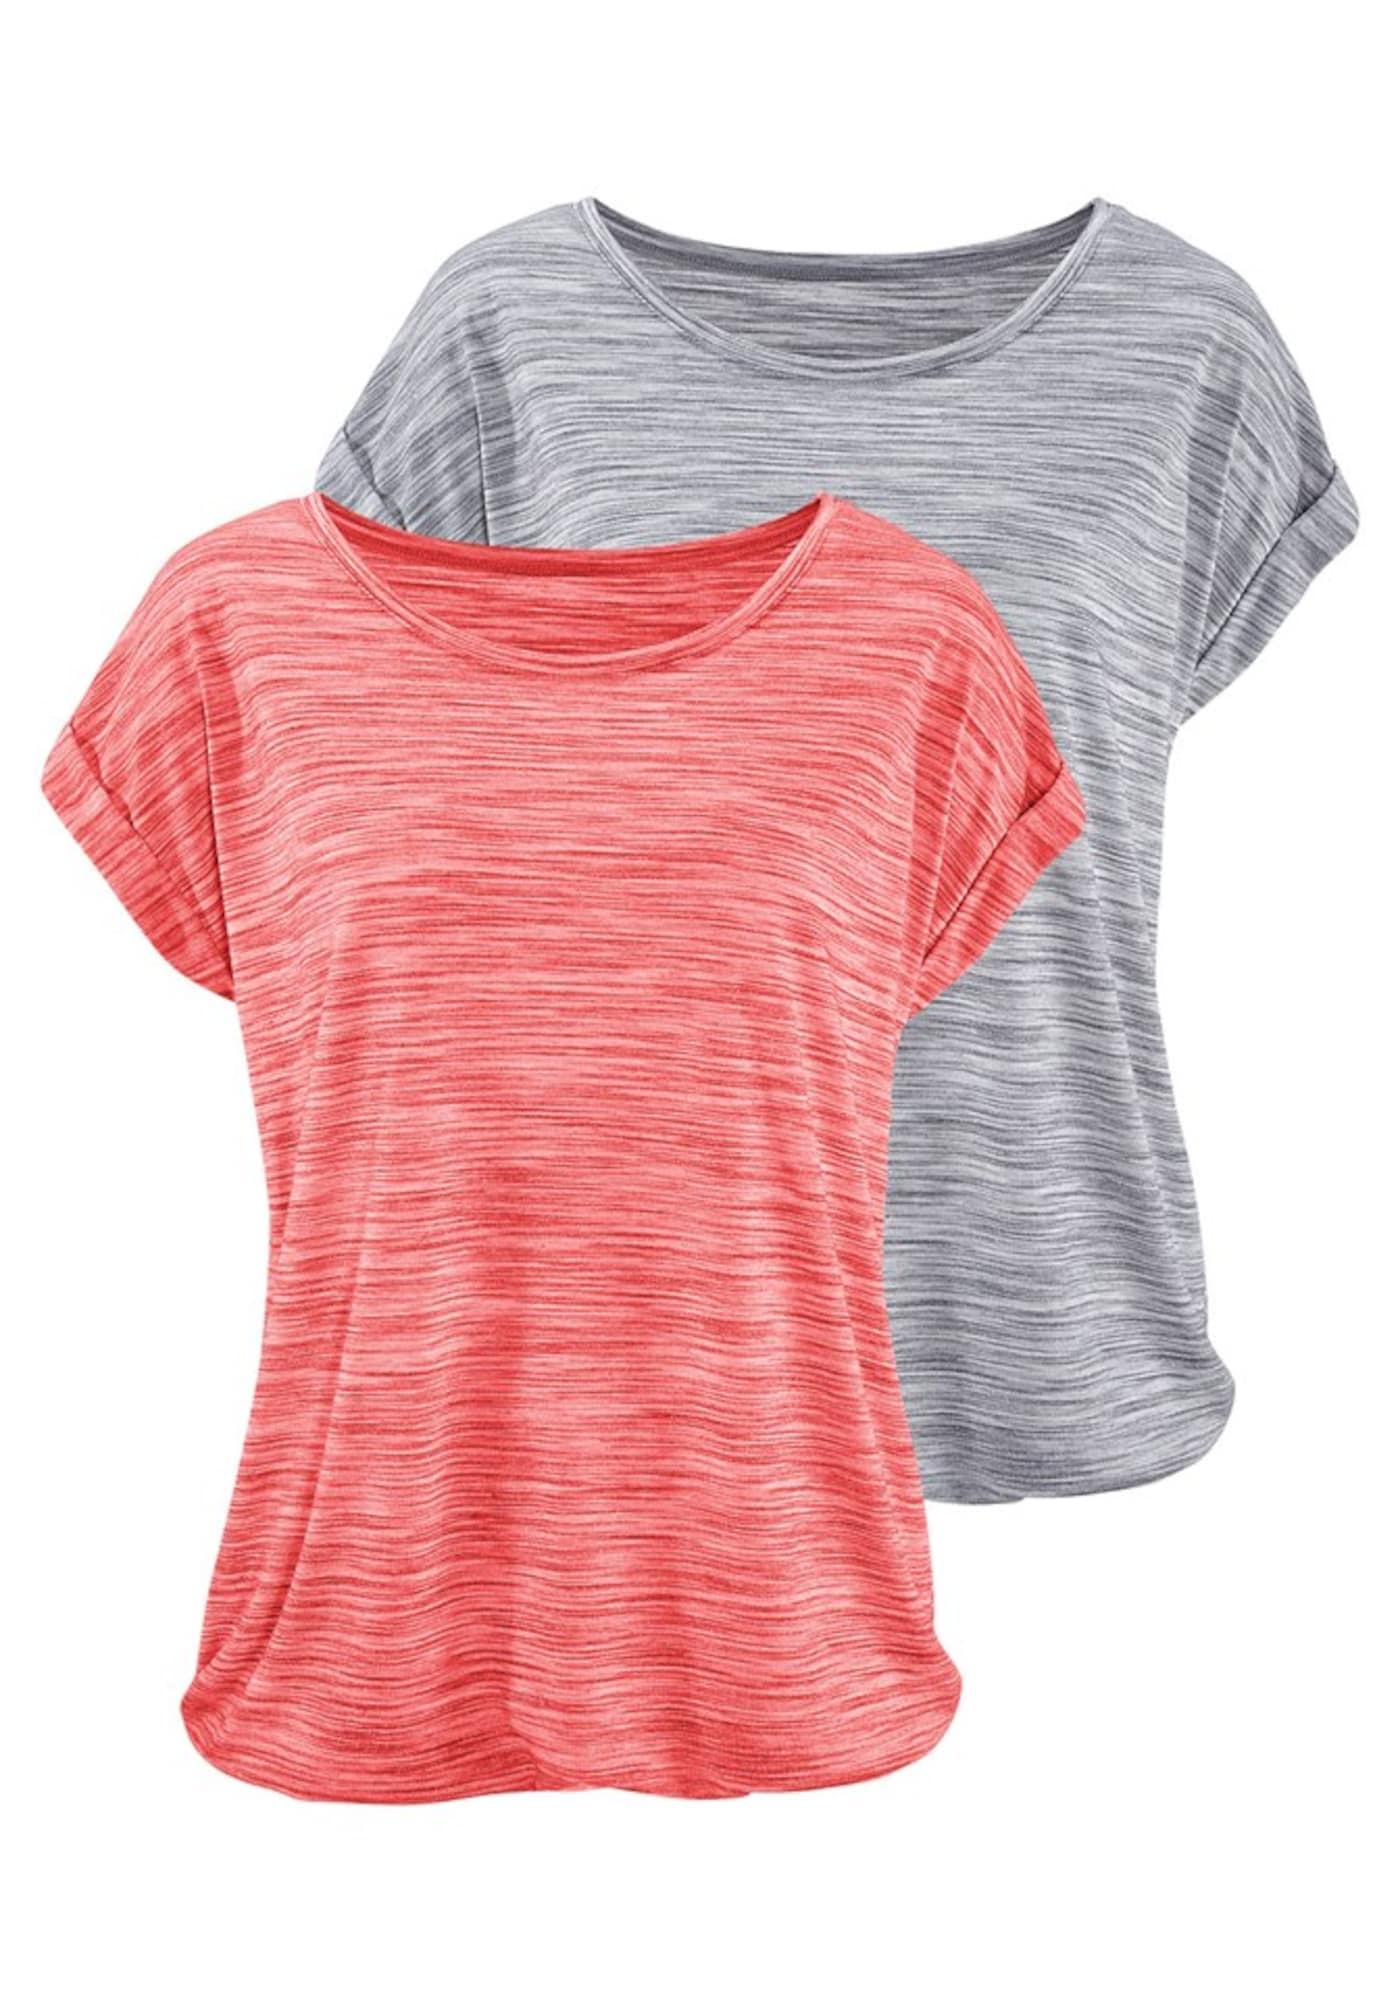 BEACH TIME Marškinėliai margai pilka / margai rožinė